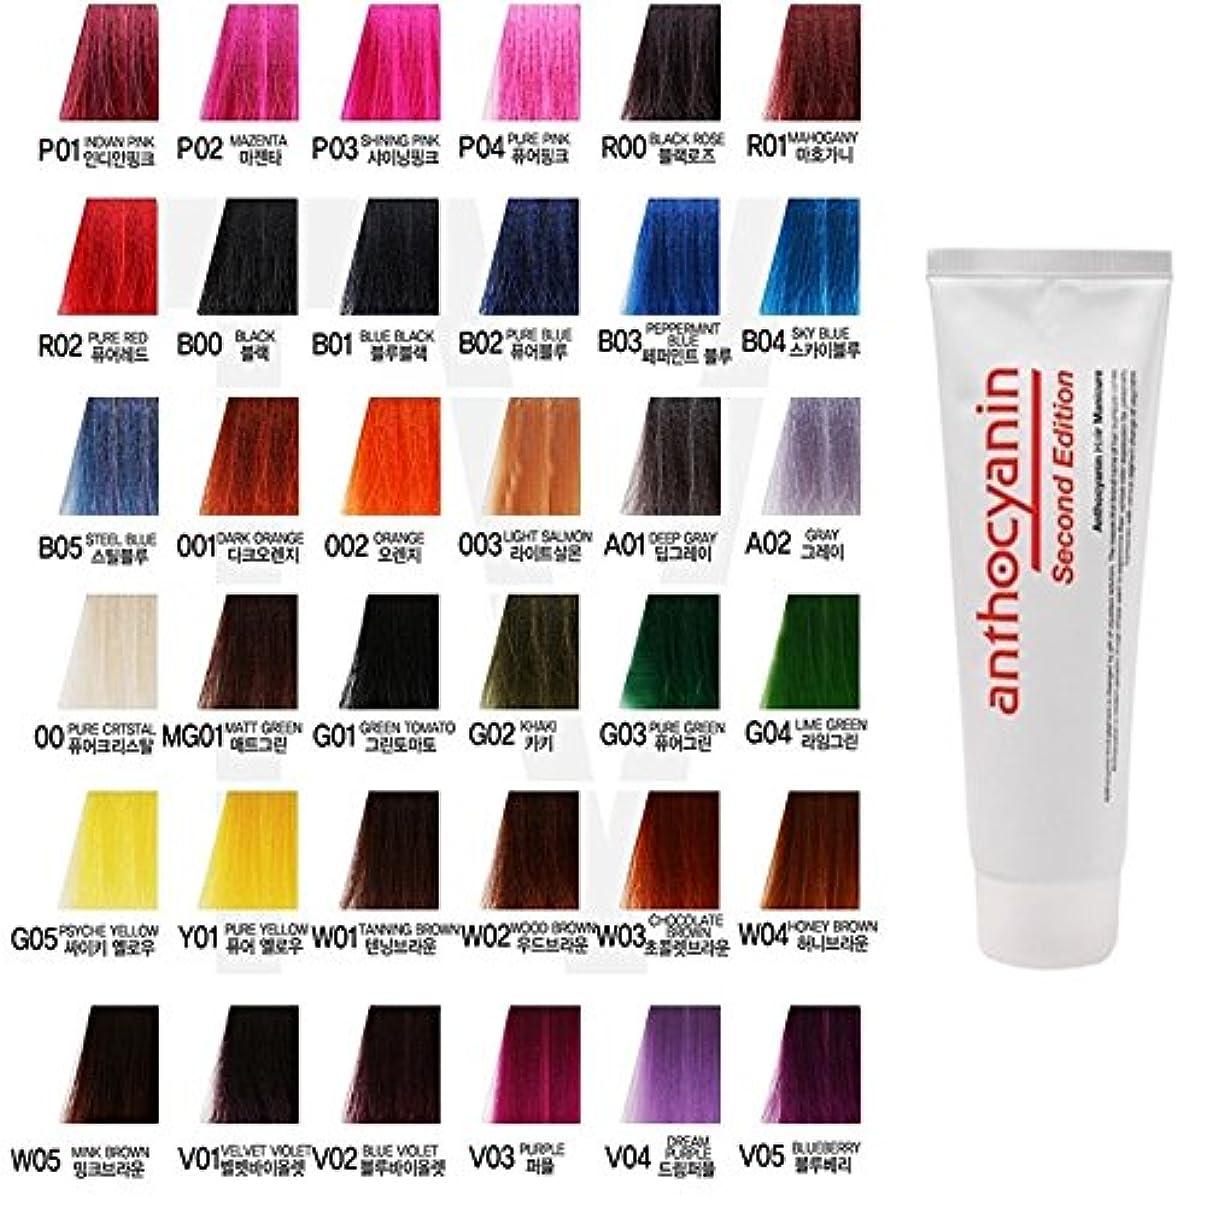 決定するトリプル内部ヘア マニキュア カラー セカンド エディション 230g セミ パーマネント 染毛剤 ( Hair Manicure Color Second Edition 230g Semi Permanent Hair Dye) [並行輸入品] (O12 Coral Orange)